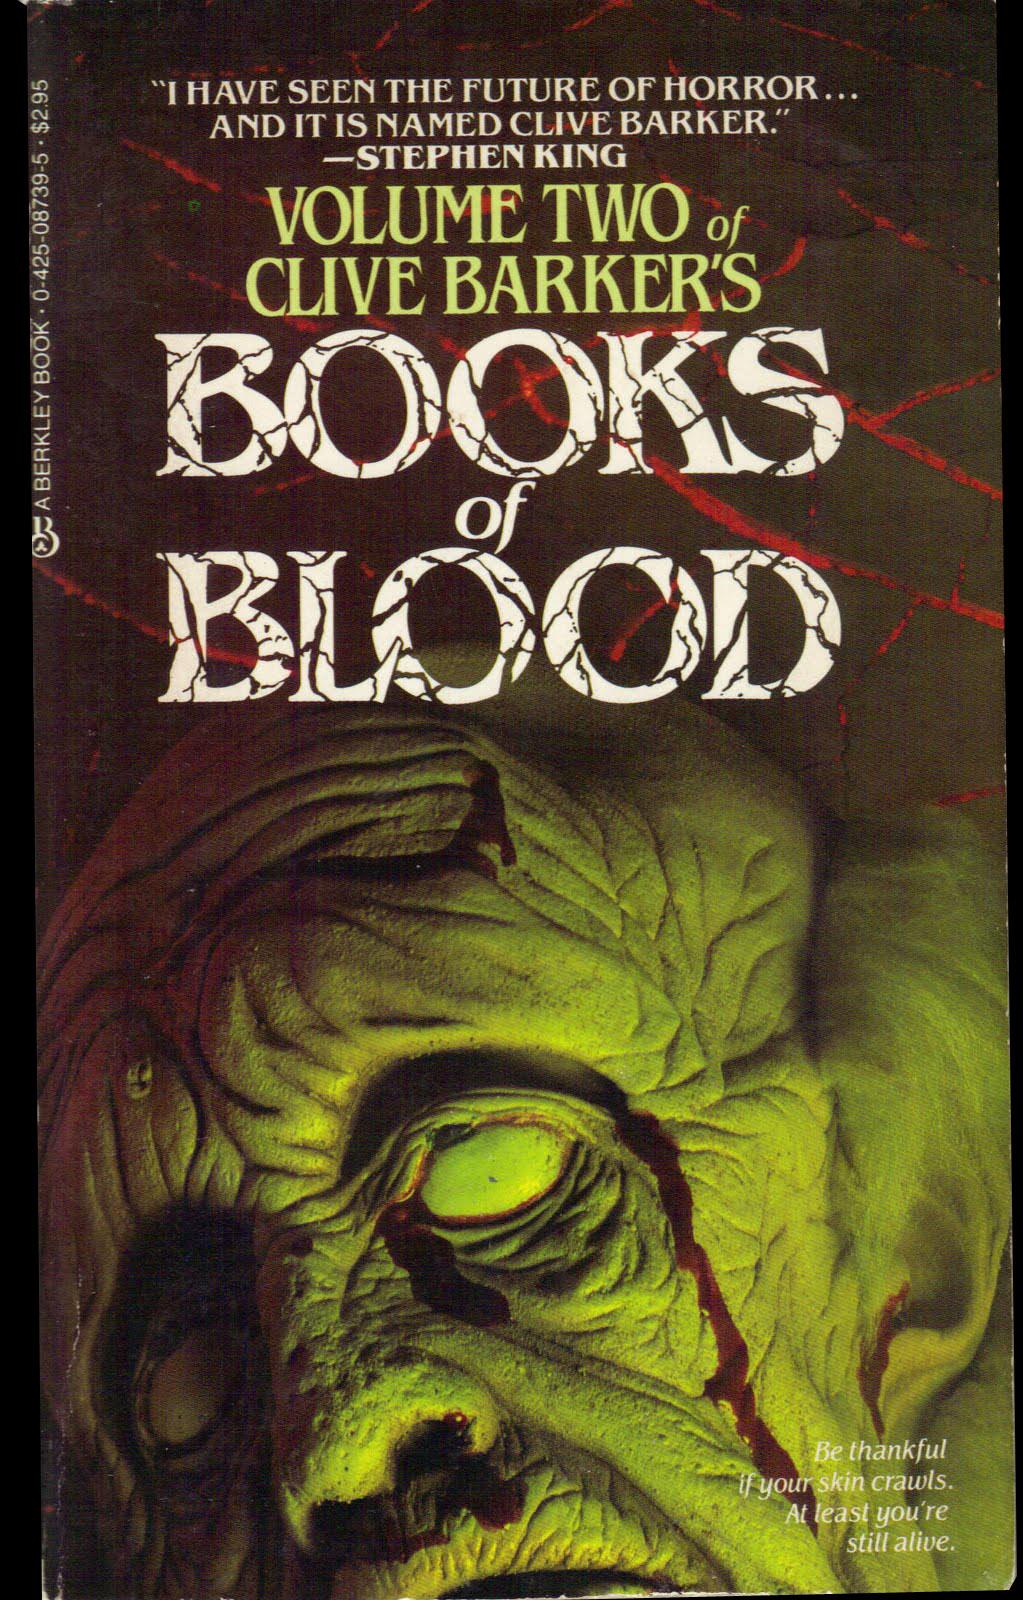 Blood Curdling Blog of Monster Masks: June 2012